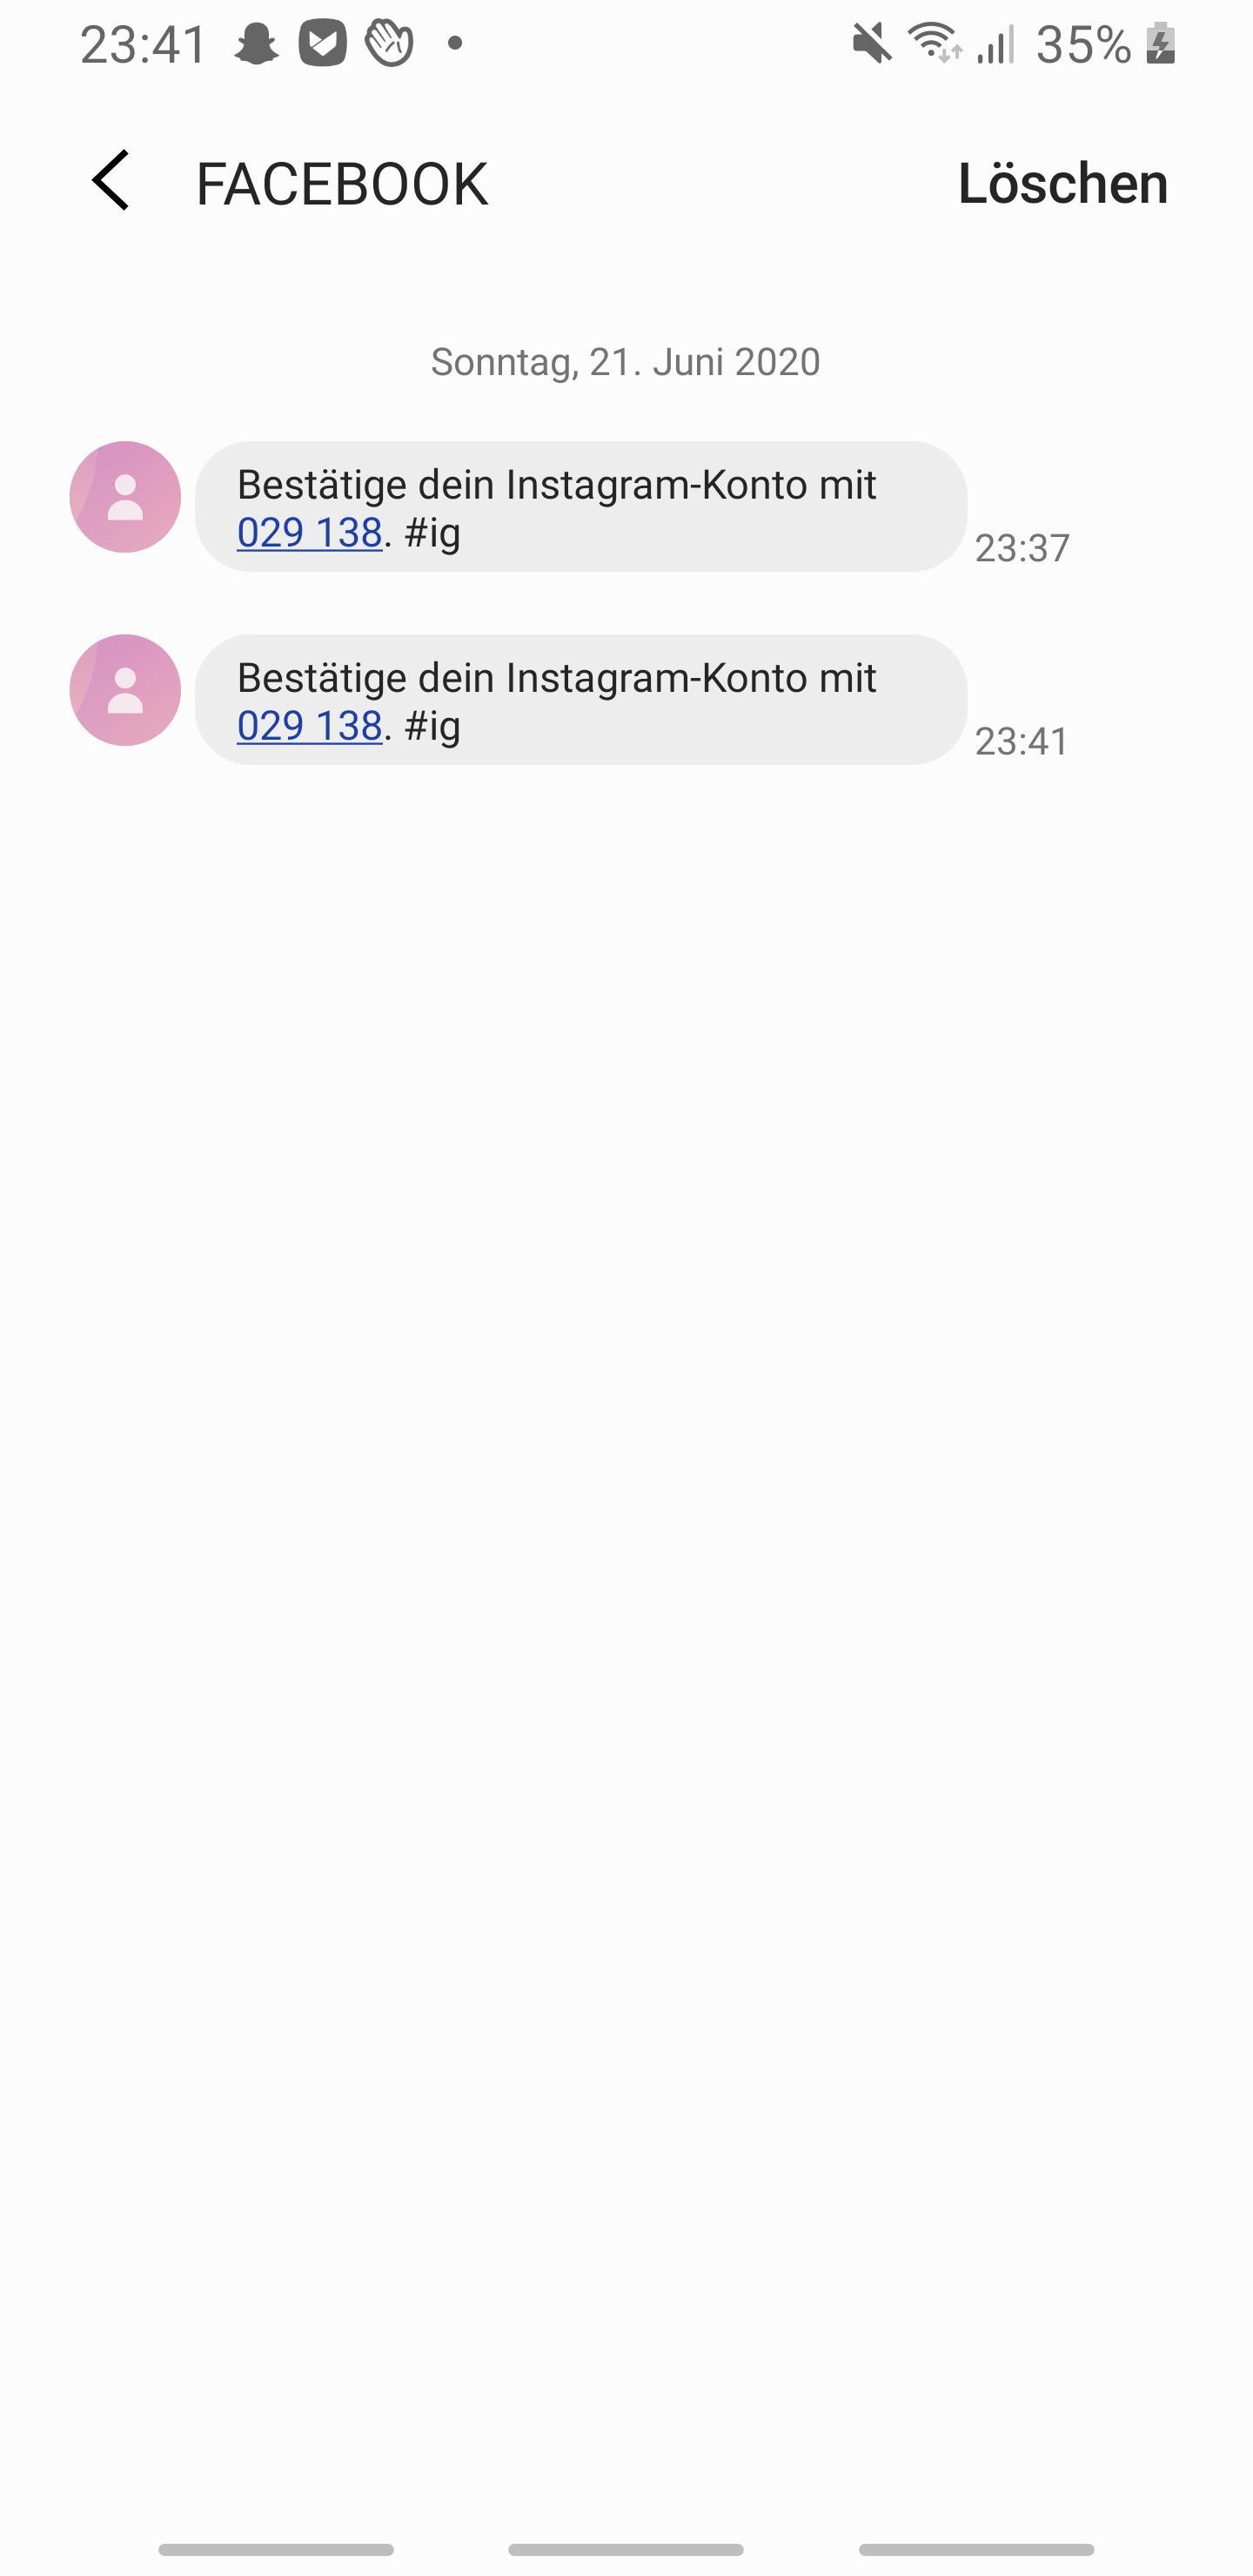 Wie soll ich meinen Instagram Account per SMS bestätigen